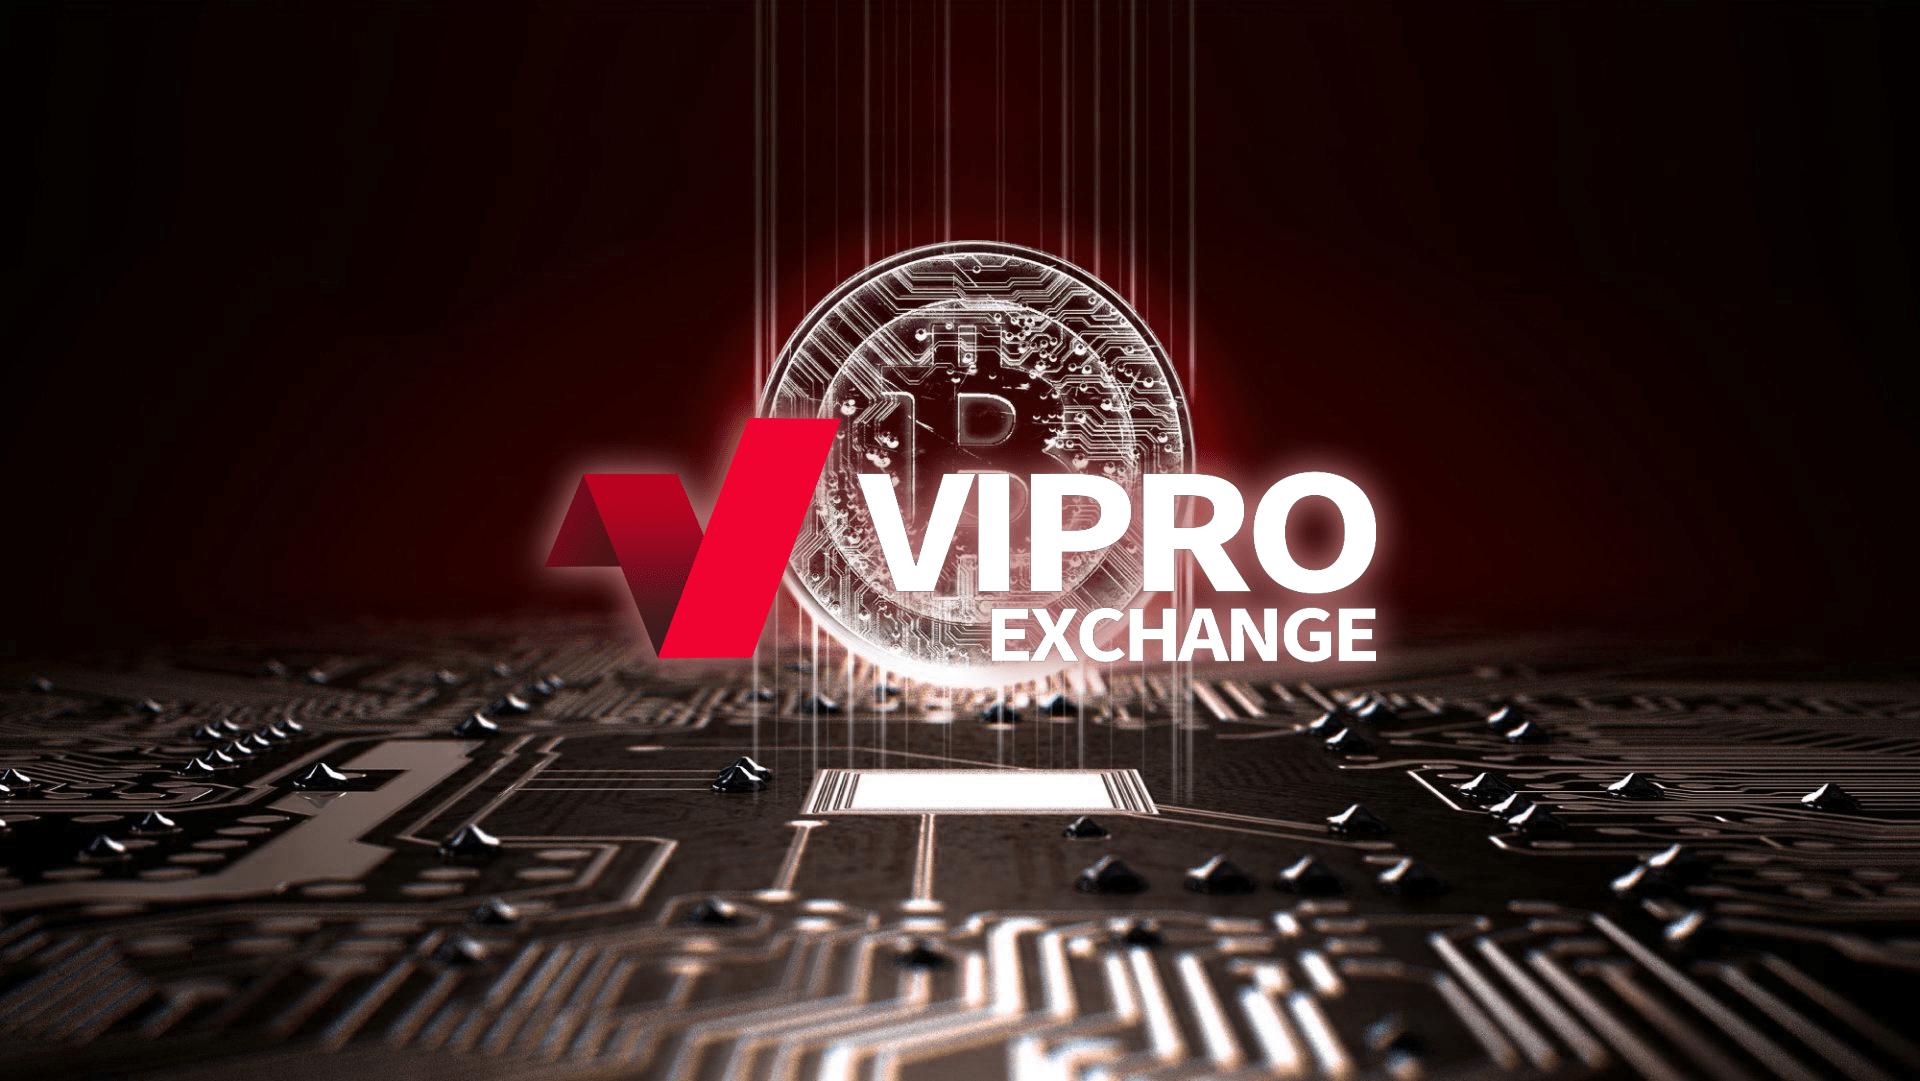 區塊鏈大戰!!Viproex挑戰市場「最優換匯」寶座